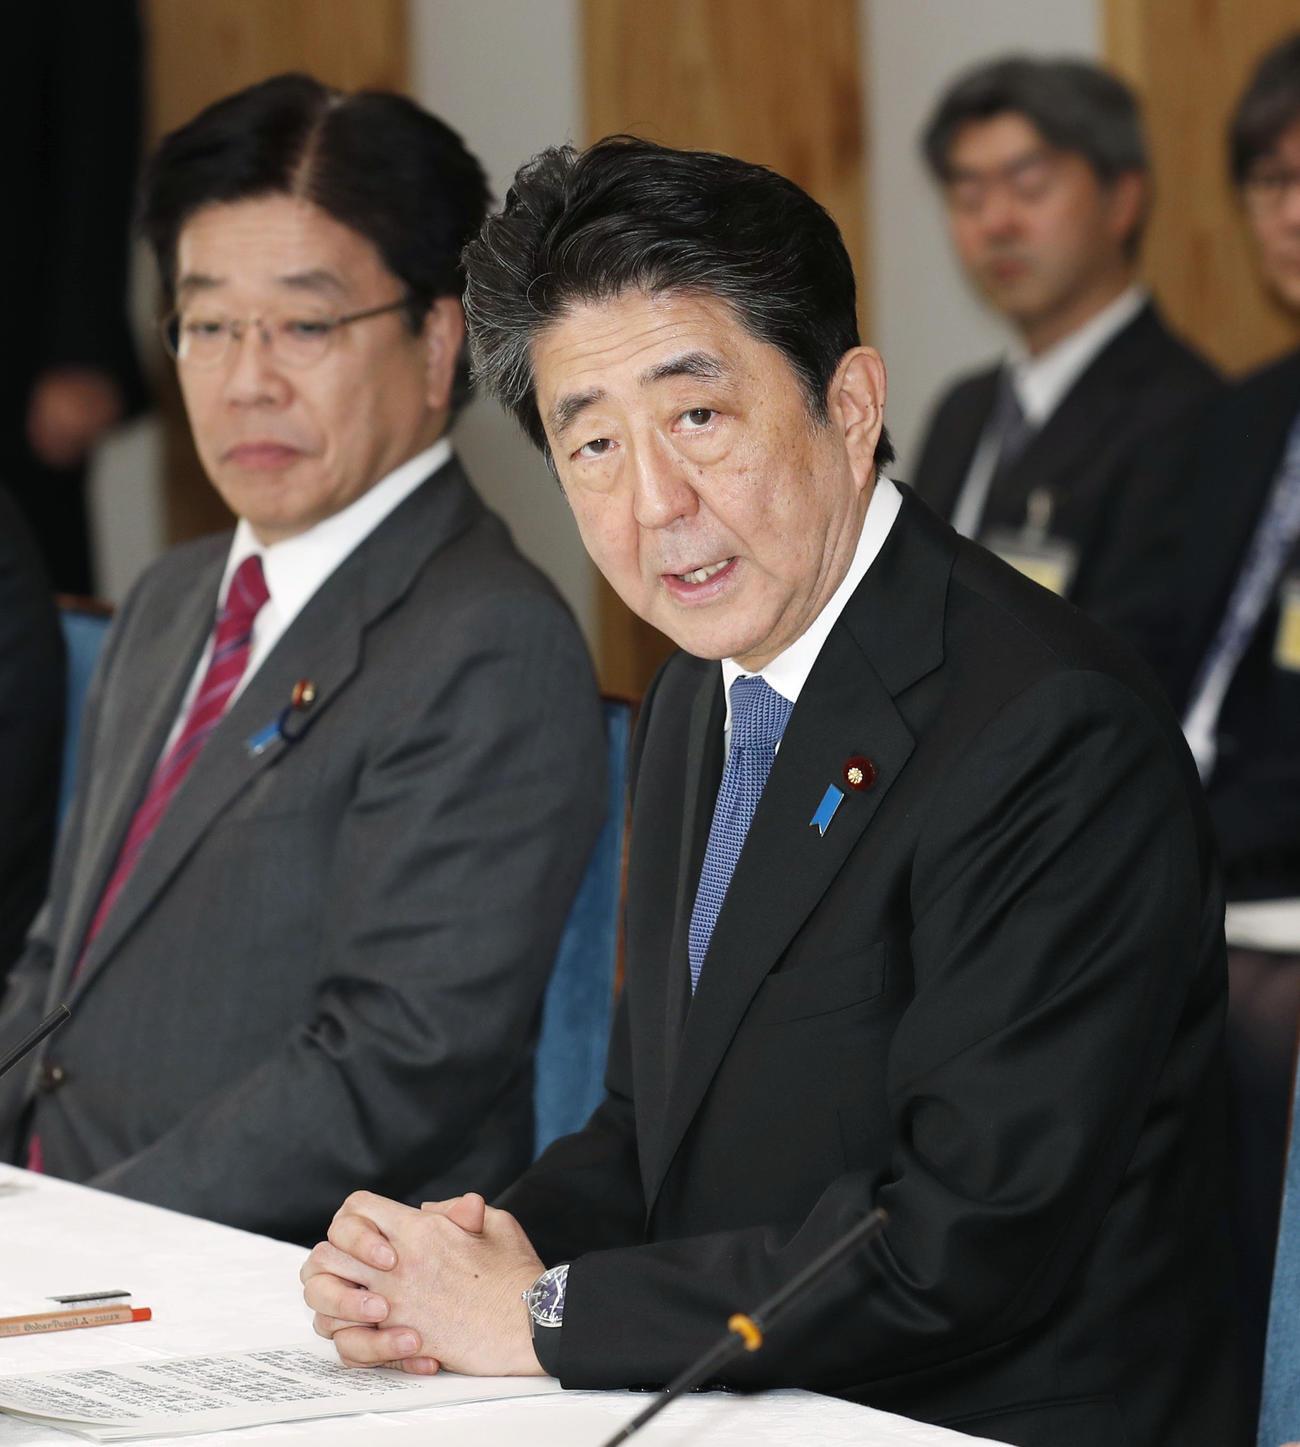 新型コロナウイルス感染症専門家会議であいさつする安倍首相。左は加藤厚労相(共同)